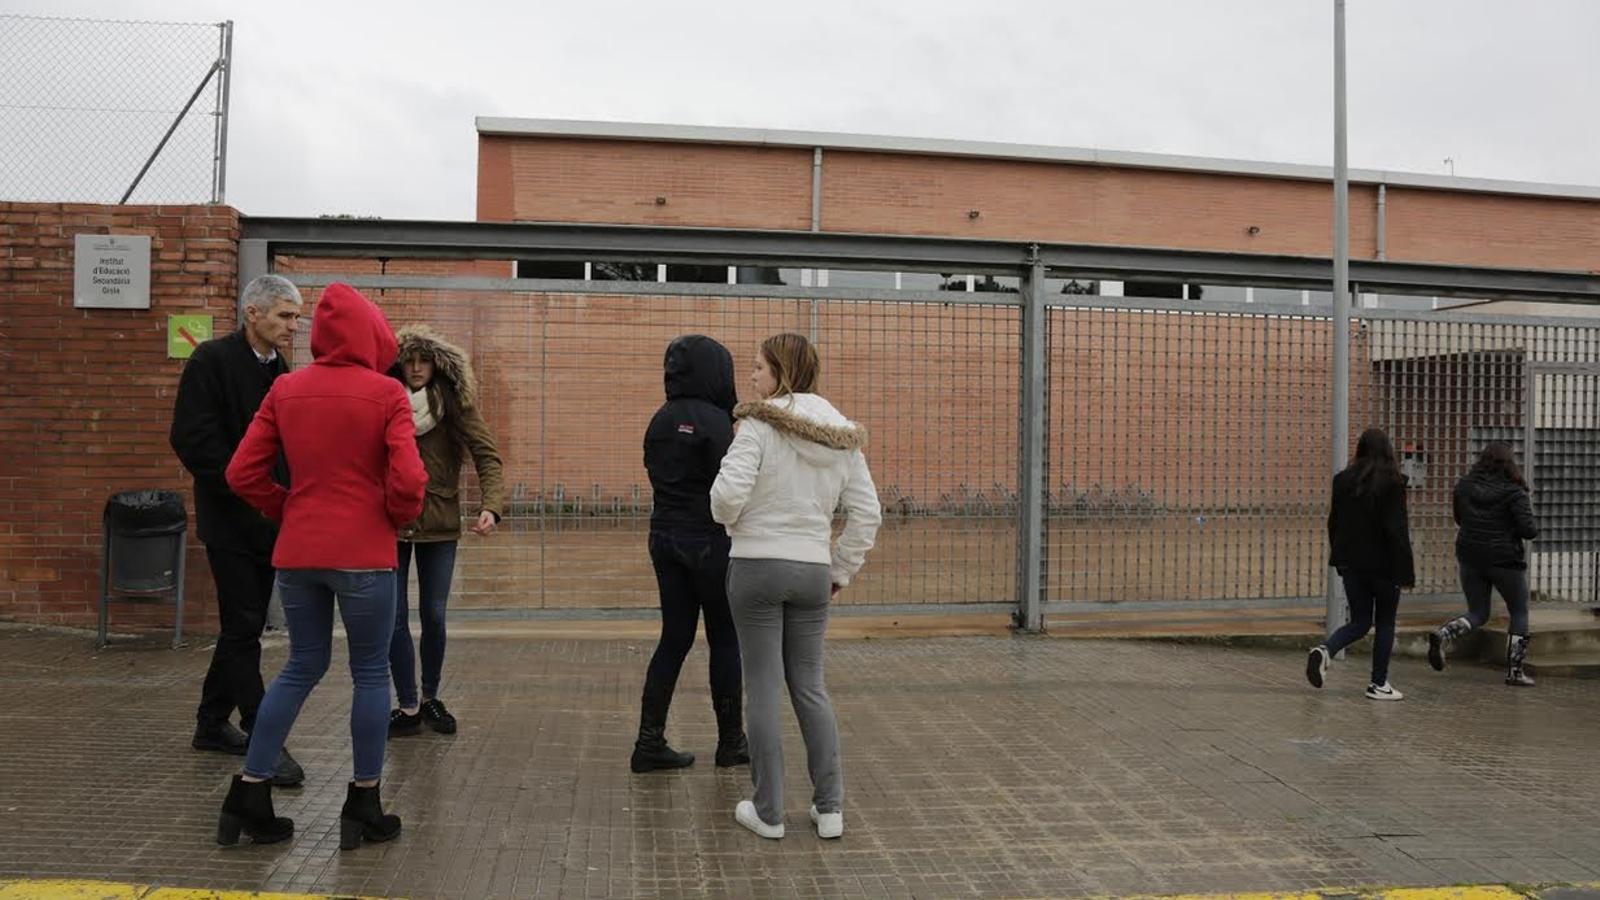 Entre els viatgers de l'avió accidentat als Alps hi ha 14 estudiants i 2 professors alemanys que havien fet un intercanvi escolar amb l'IES Giola de Llinars / CRISTINA CALDERER